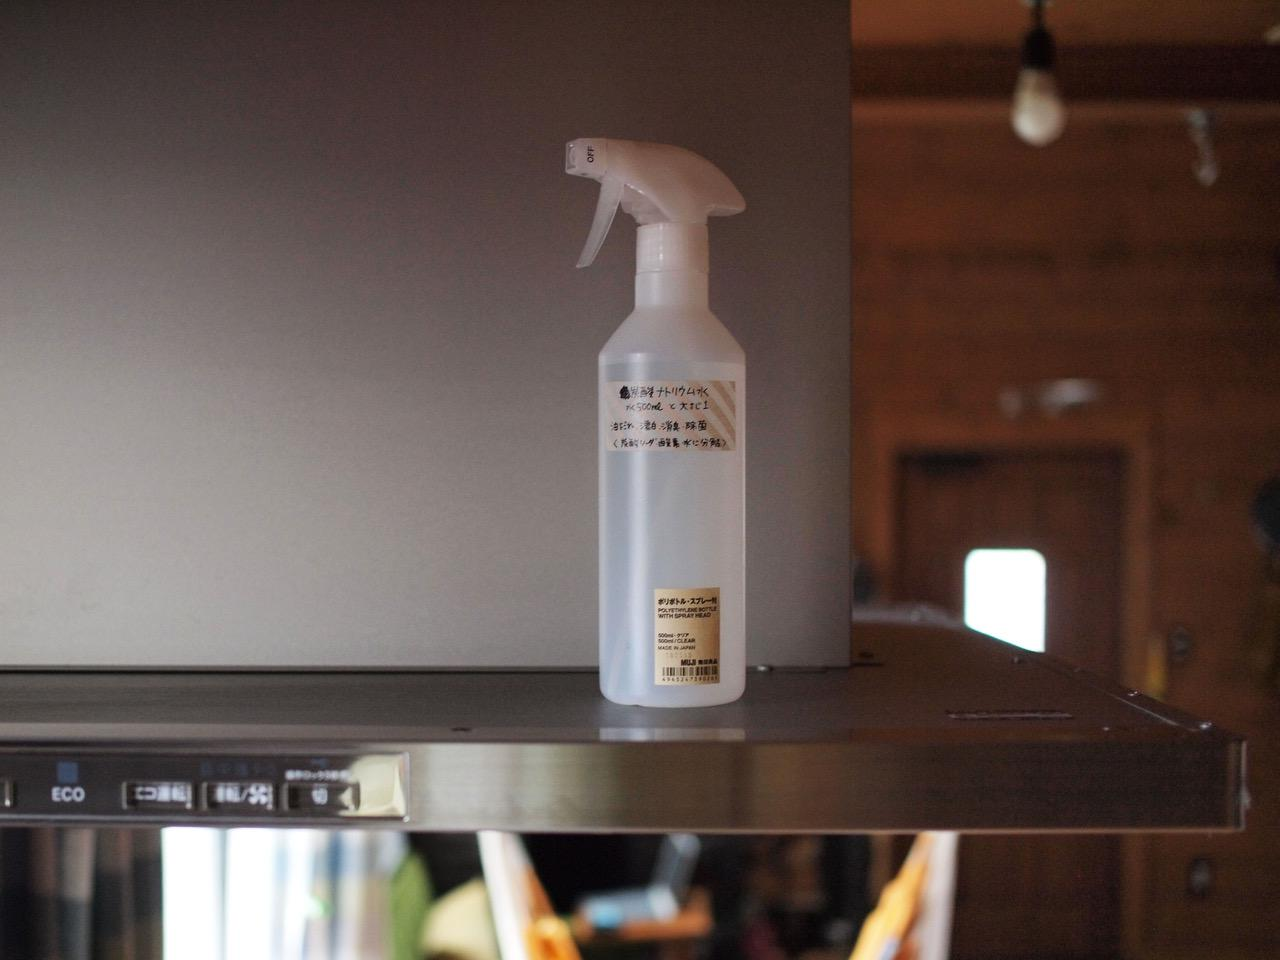 画像: 換気扇の上に置いている、手づくり炭酸ナトリウムスプレー